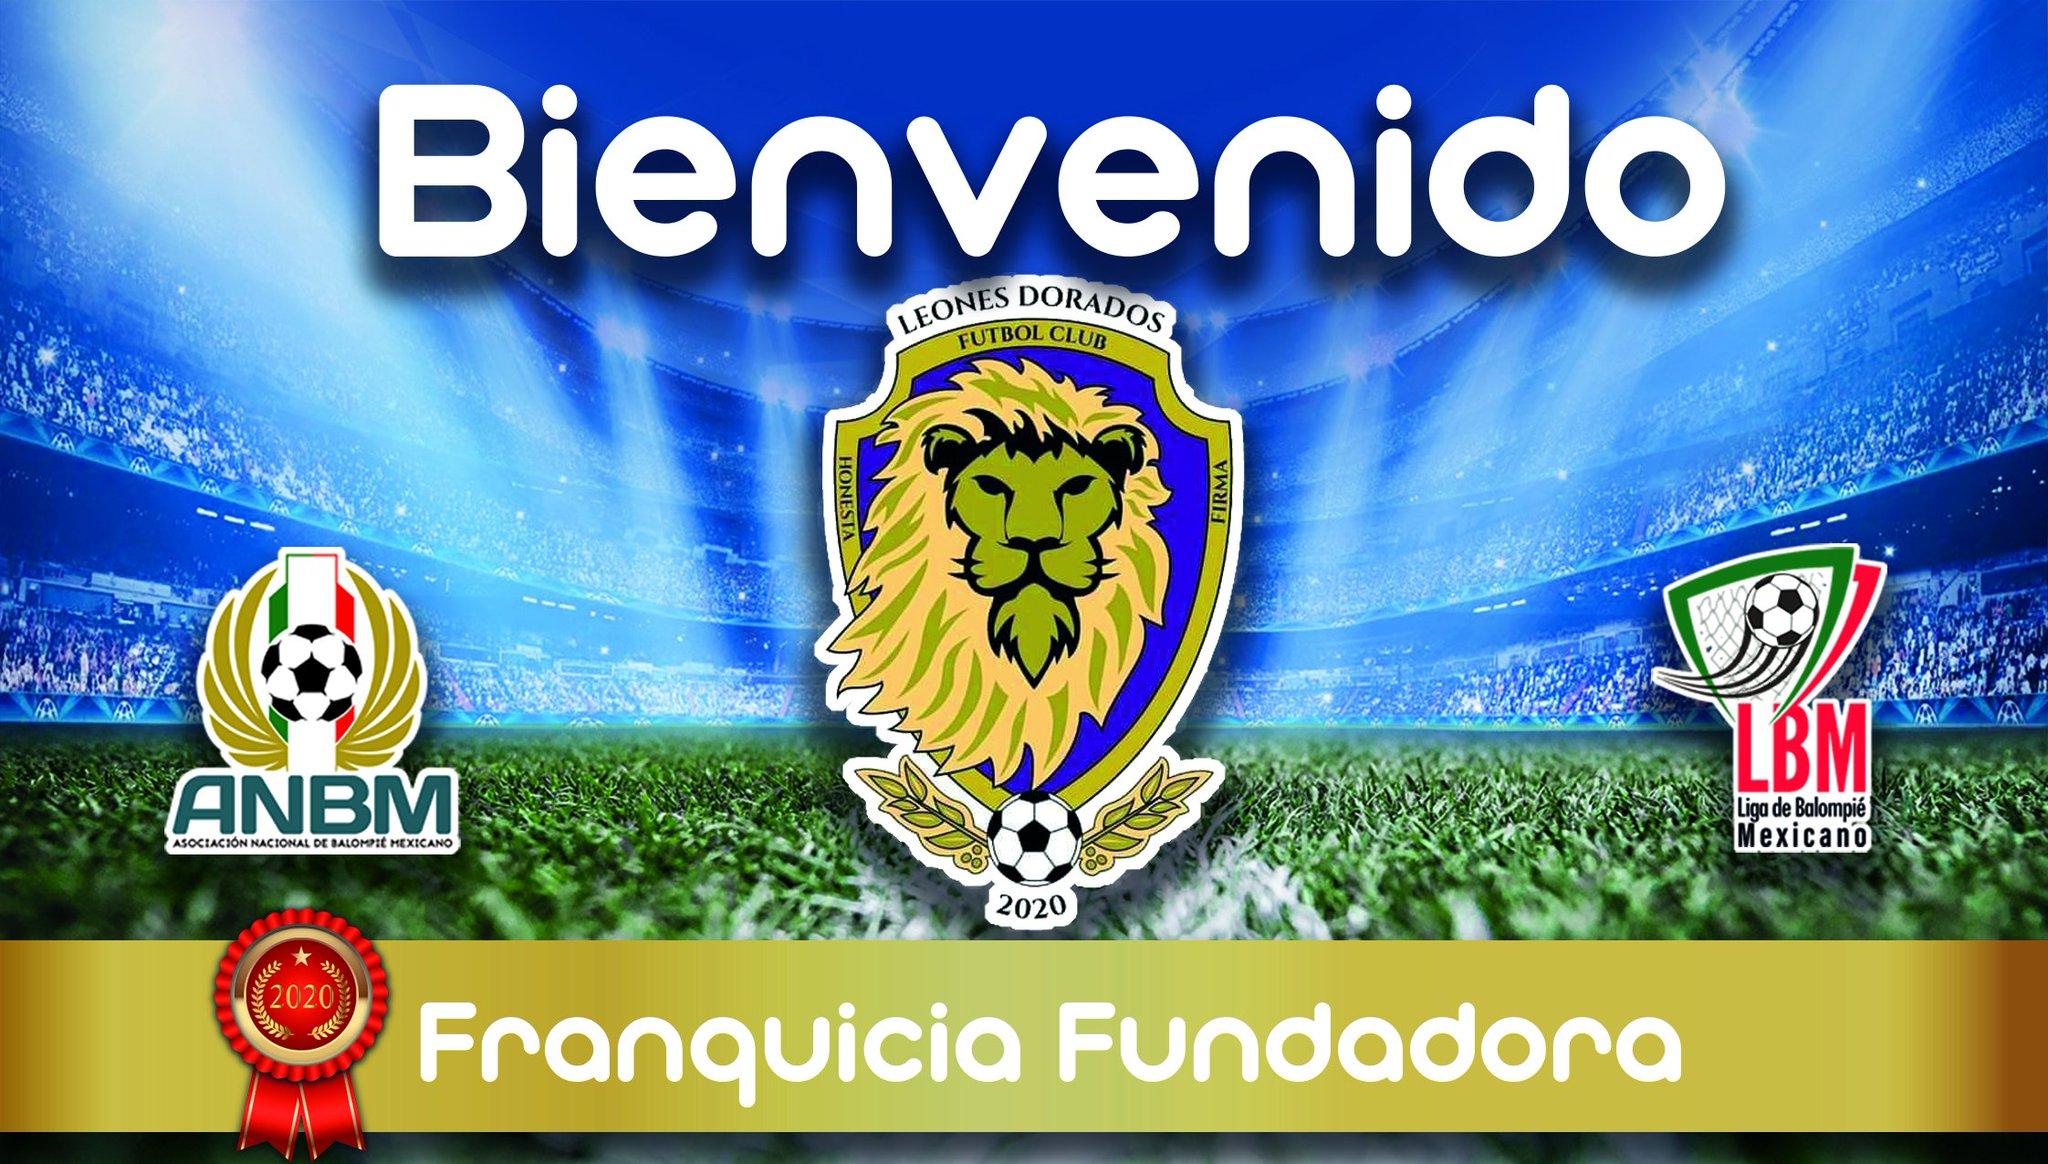 Uno Mas A La Cdmx Nueva Franquicia Se Confirma En La Liga De Balompie Mexicano Aym Sports